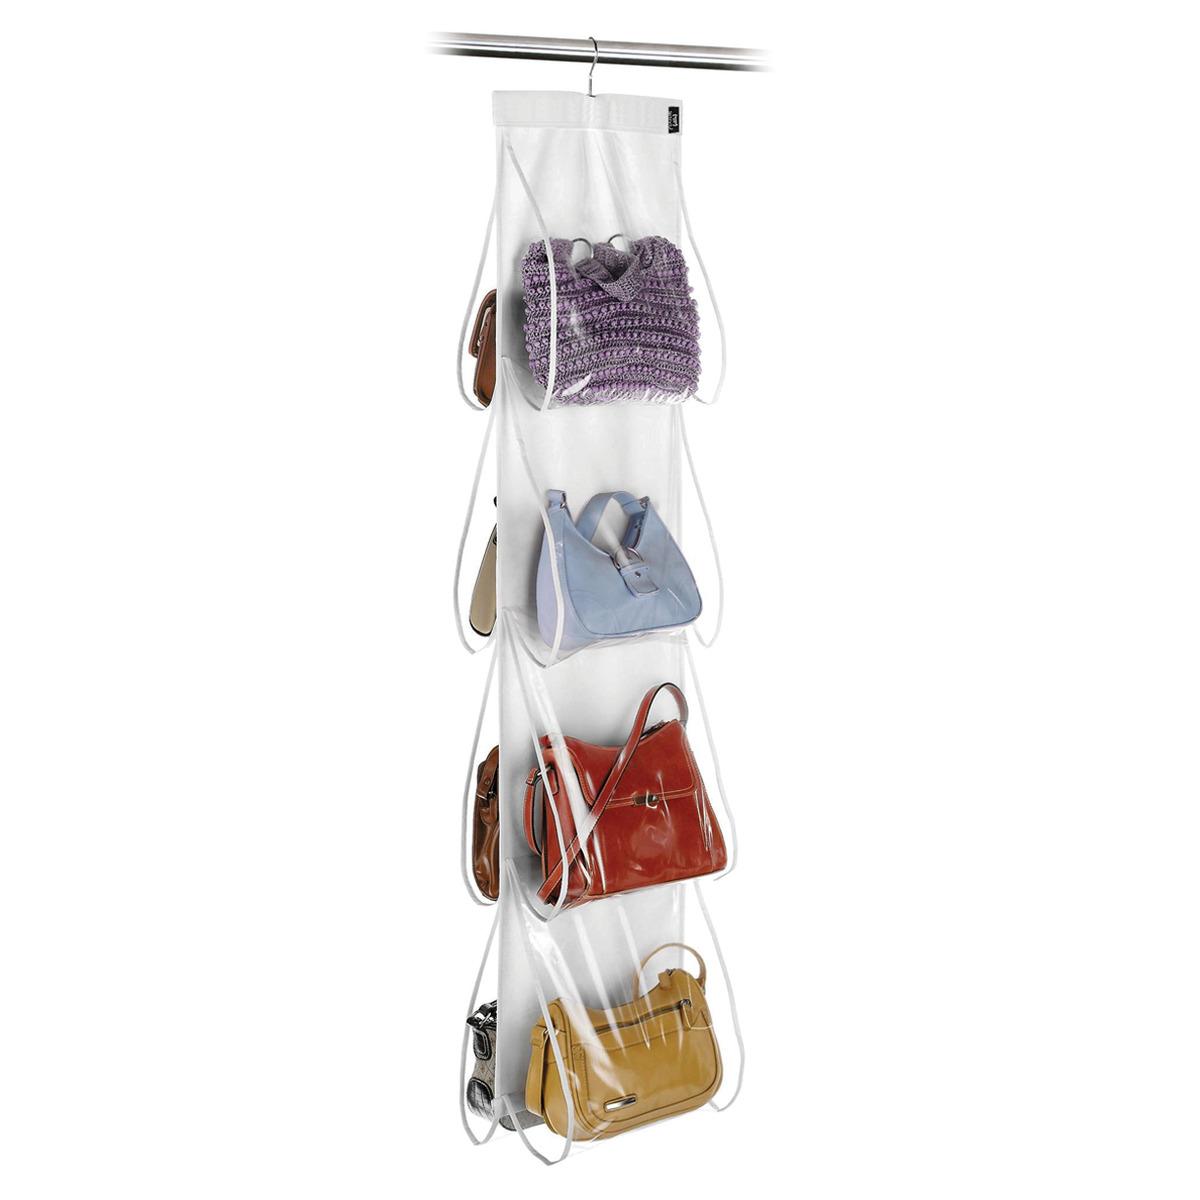 Organizador de bolsos con 8 compartimentos. Realizado en plástico, dispone de una percha superior para poder colgarlo dentro del armario